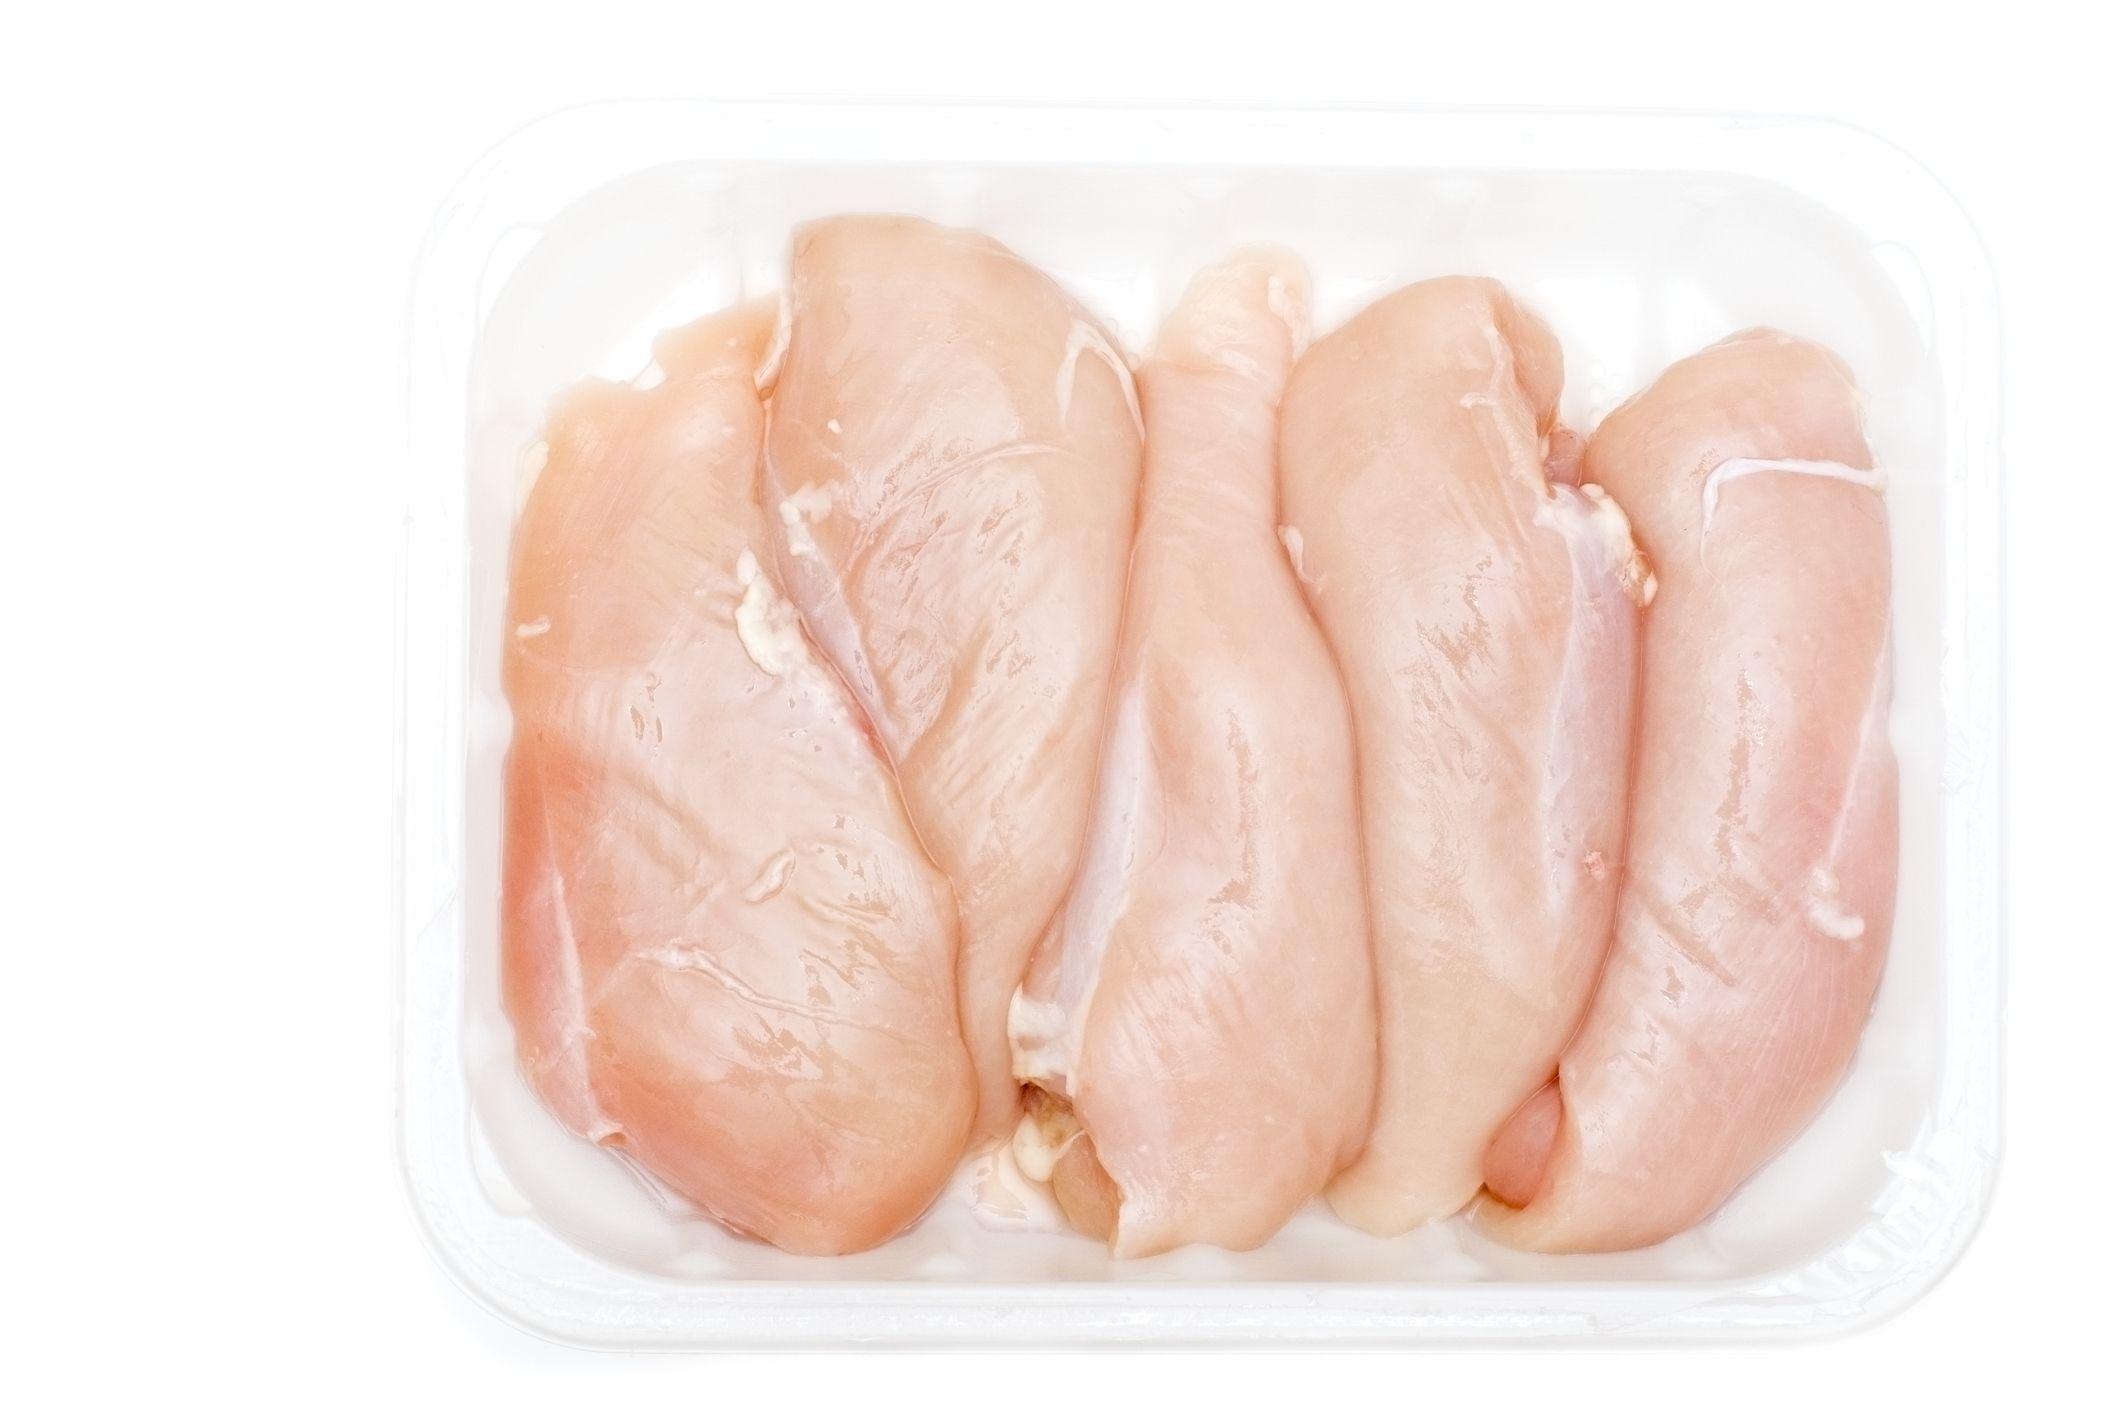 Packaged chicken